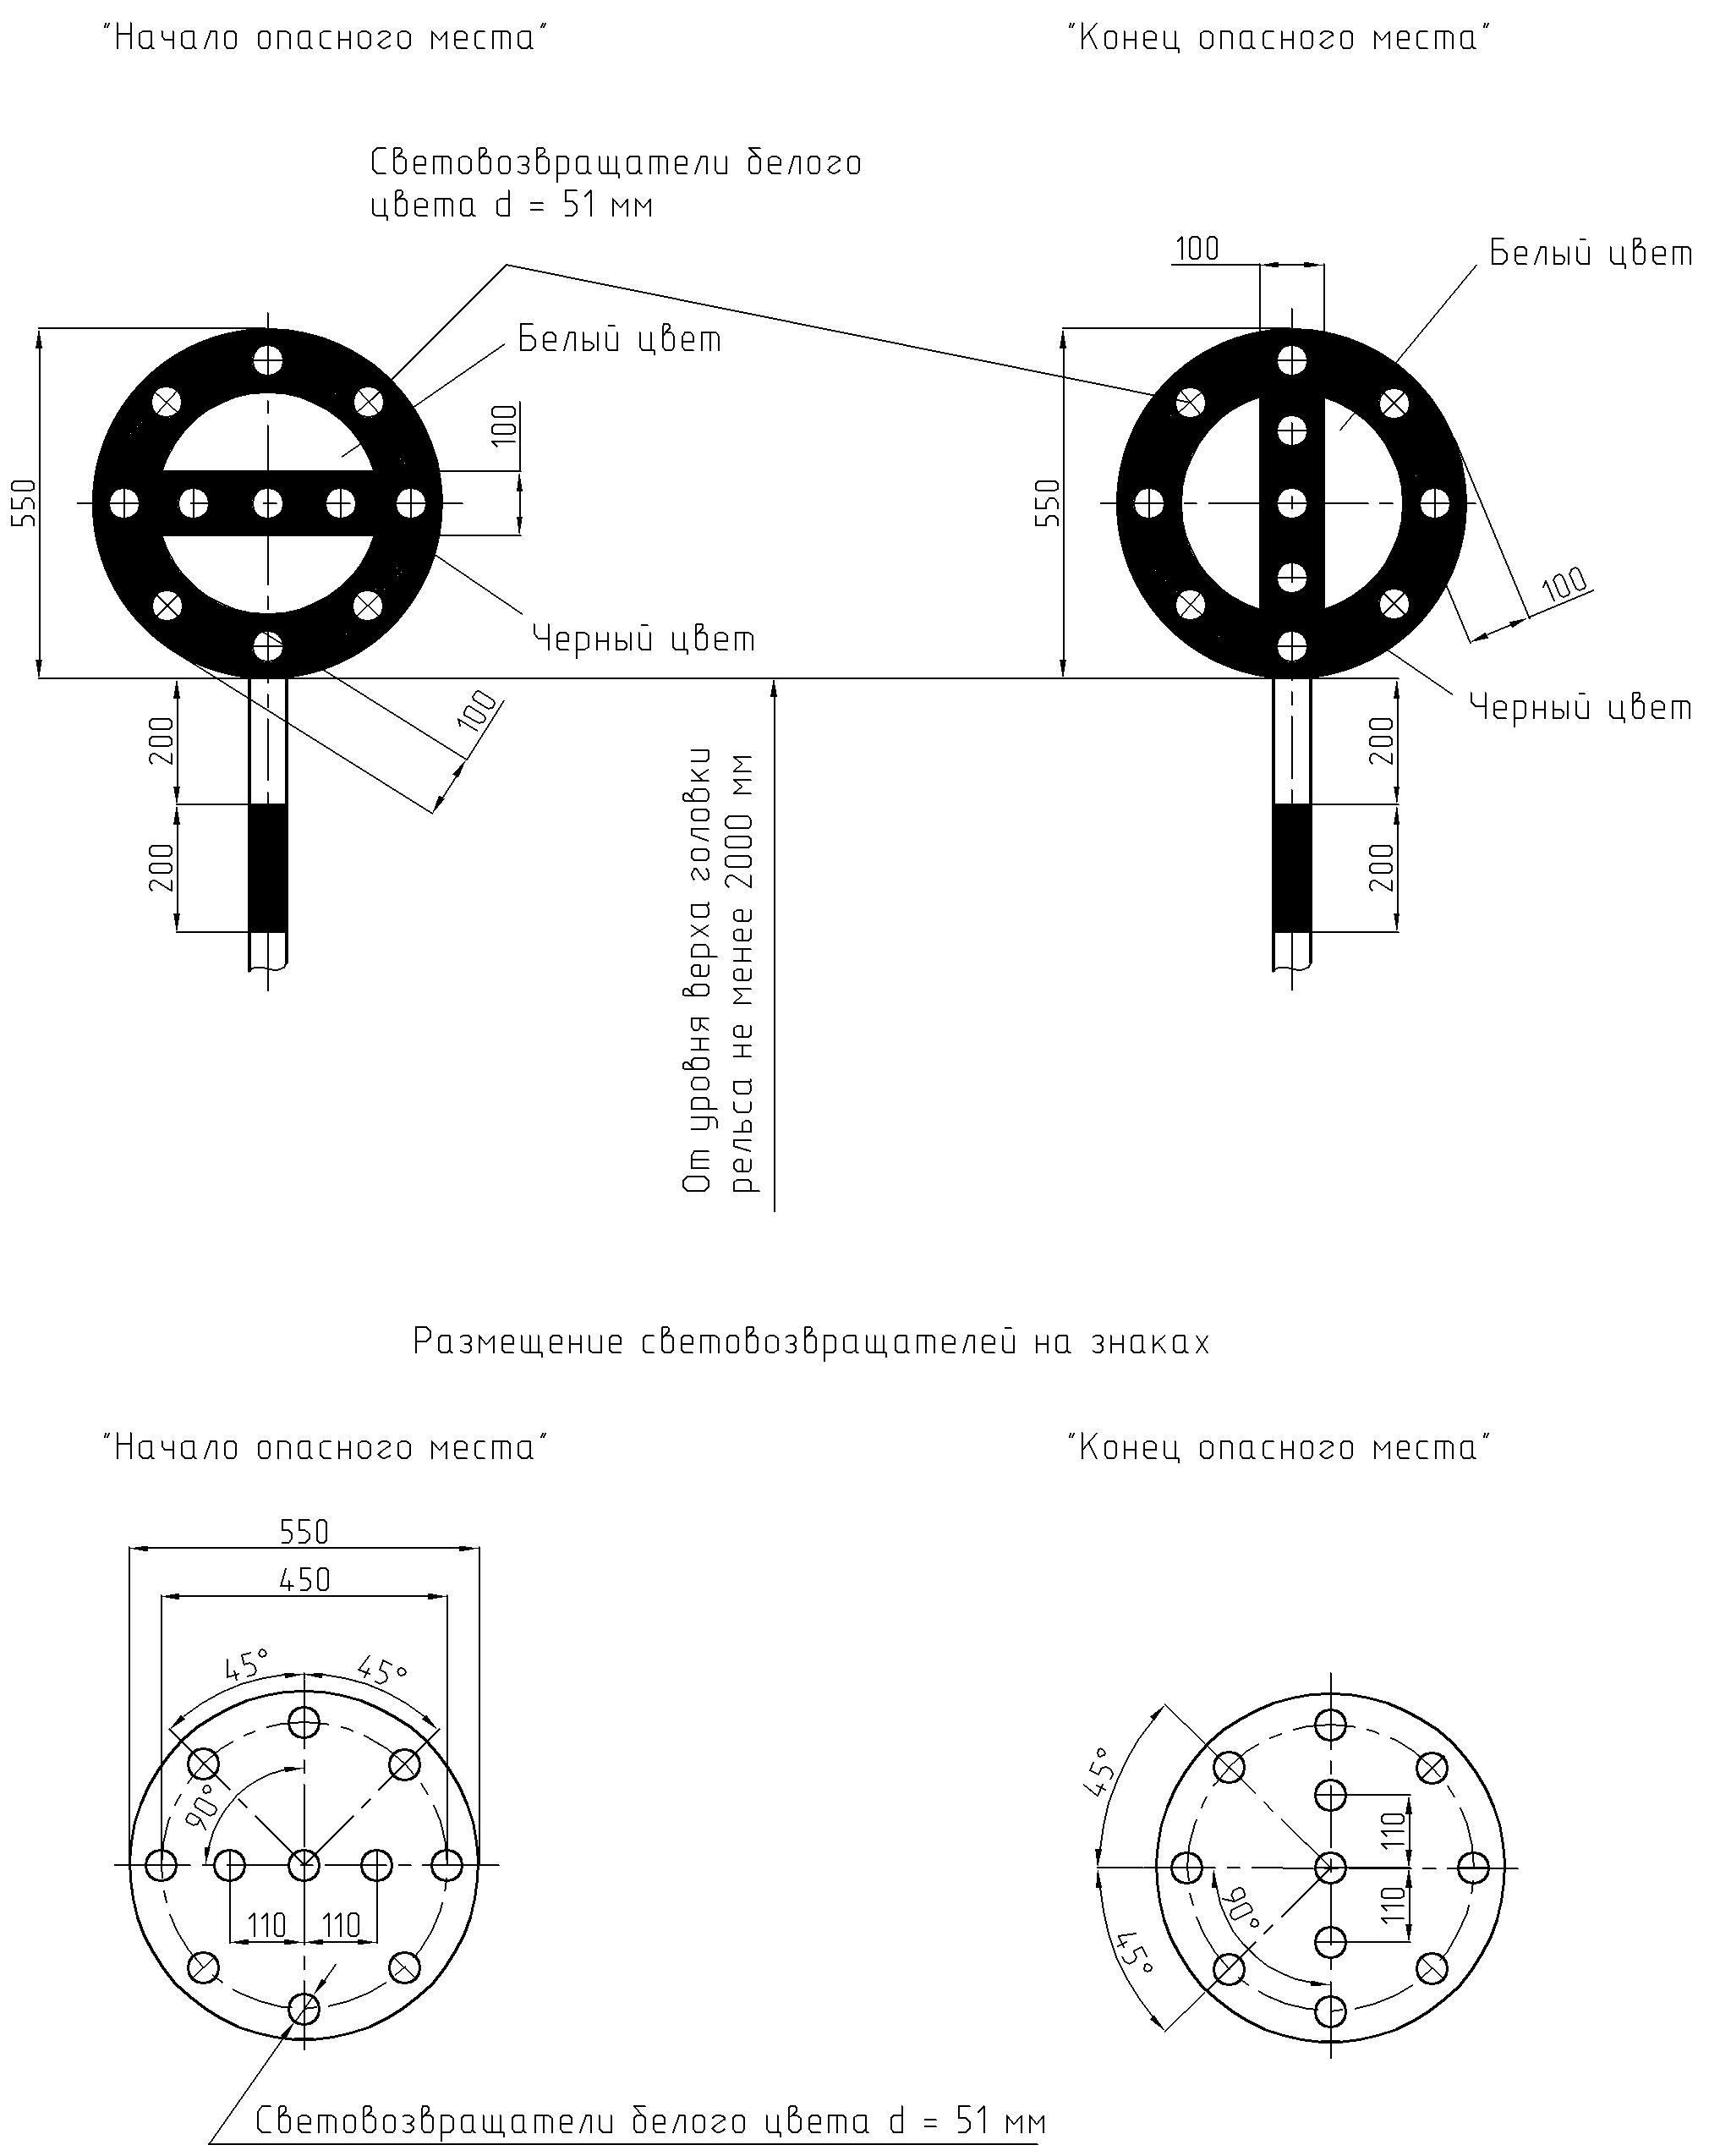 Рисунок 4. Переносные сигнальные знаки «Начало опасного места» и «Конец опасного места»